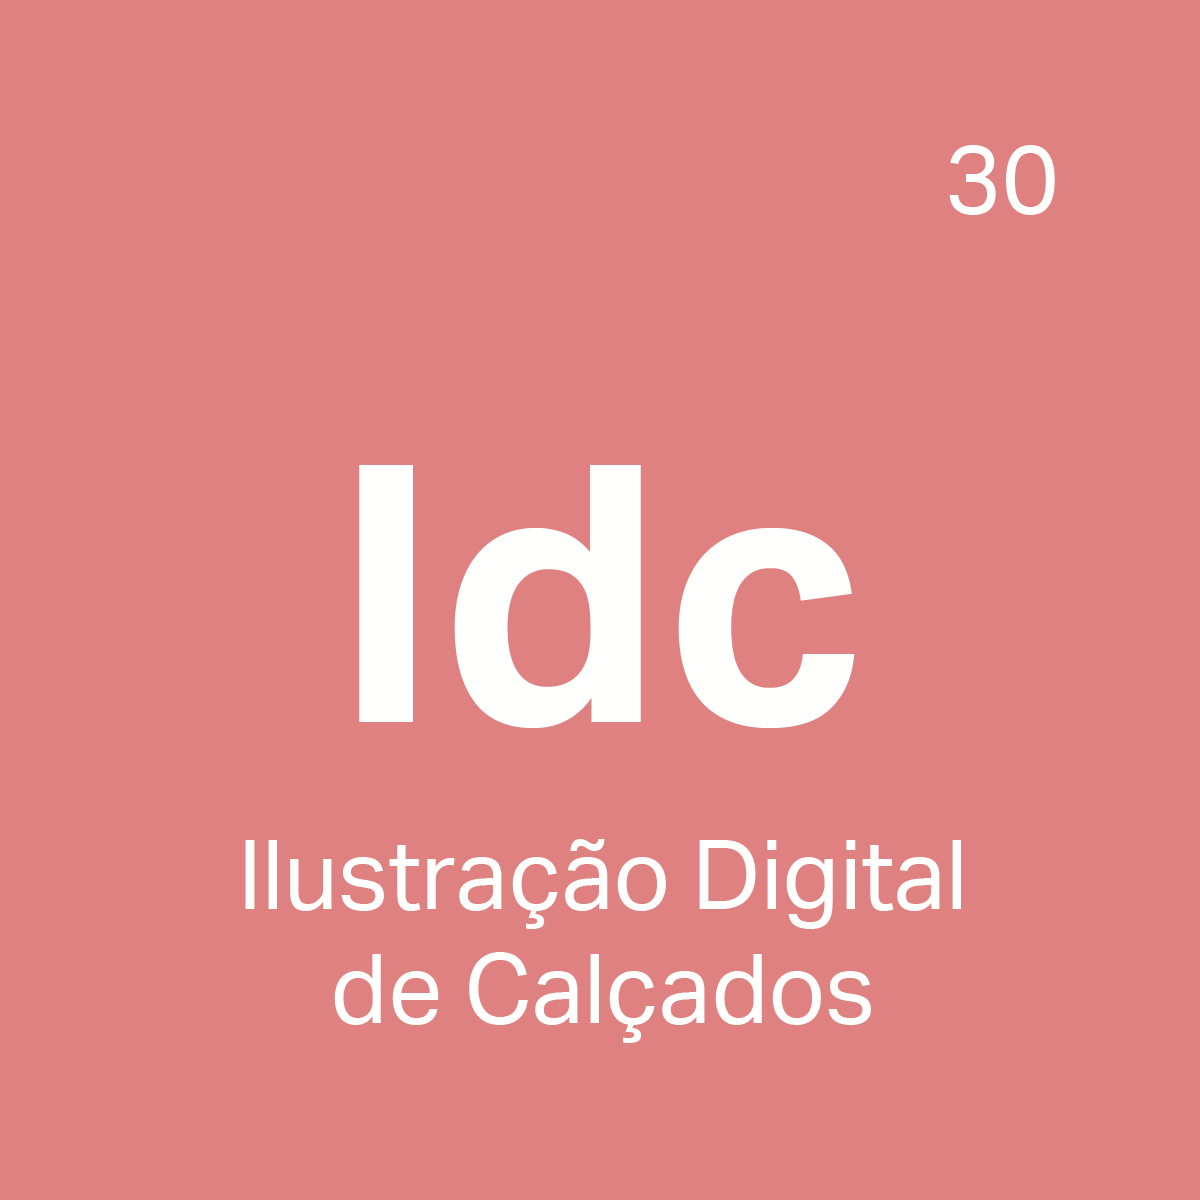 Curso Ilustração Digital de Calçados - 4ED escola de design